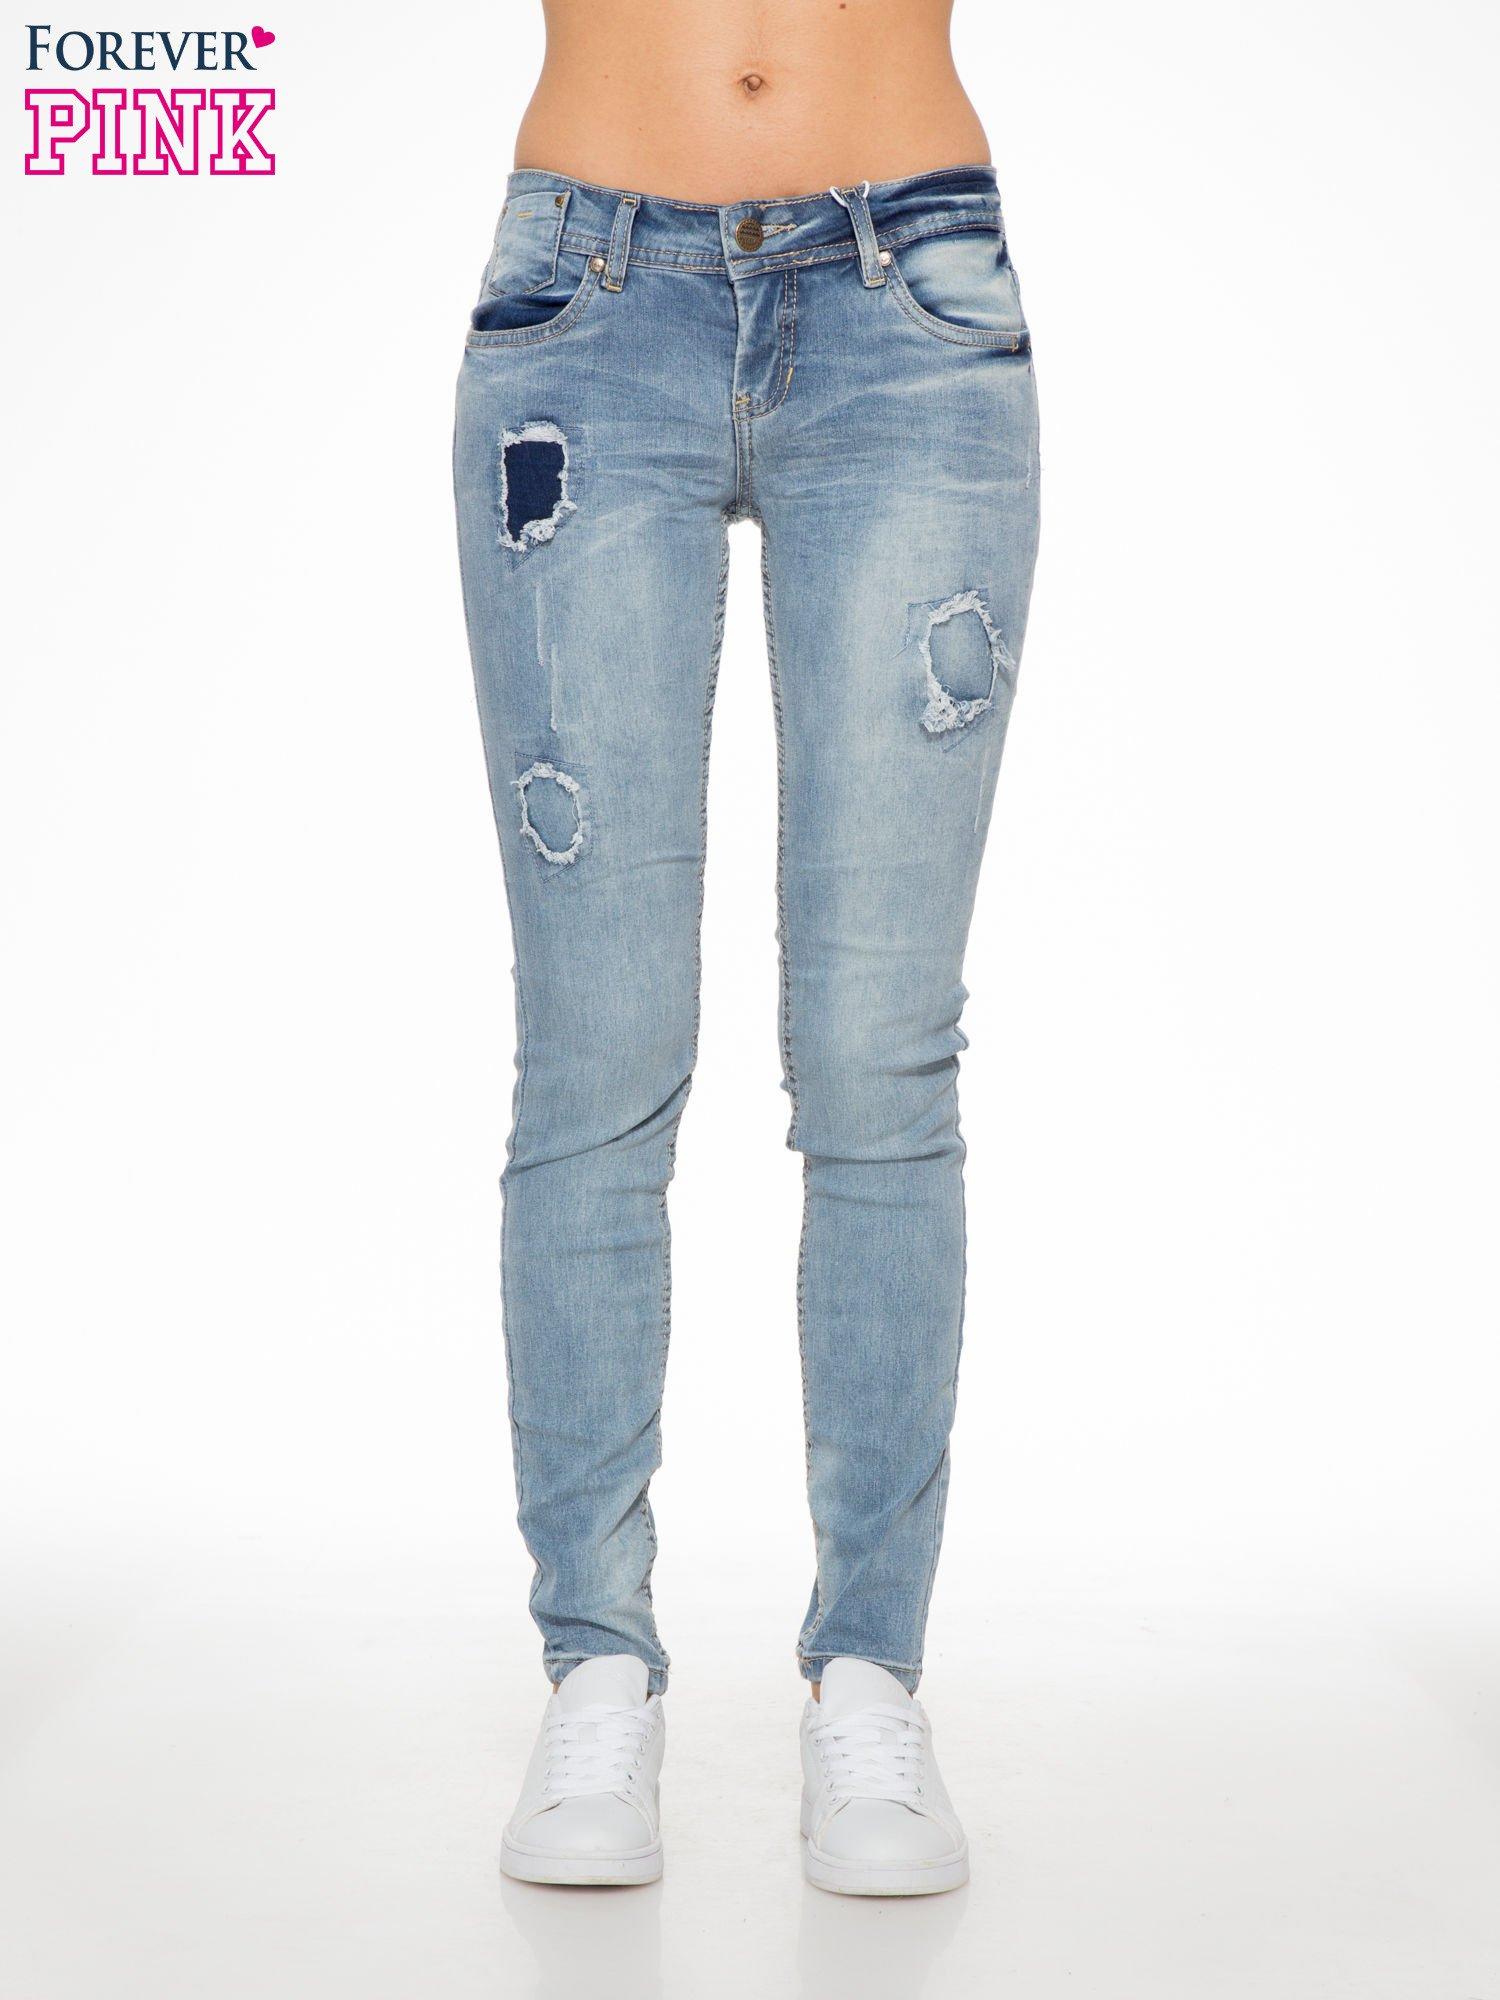 Jasnoniebieskie spodnie jeansowe z dziurami                                  zdj.                                  1